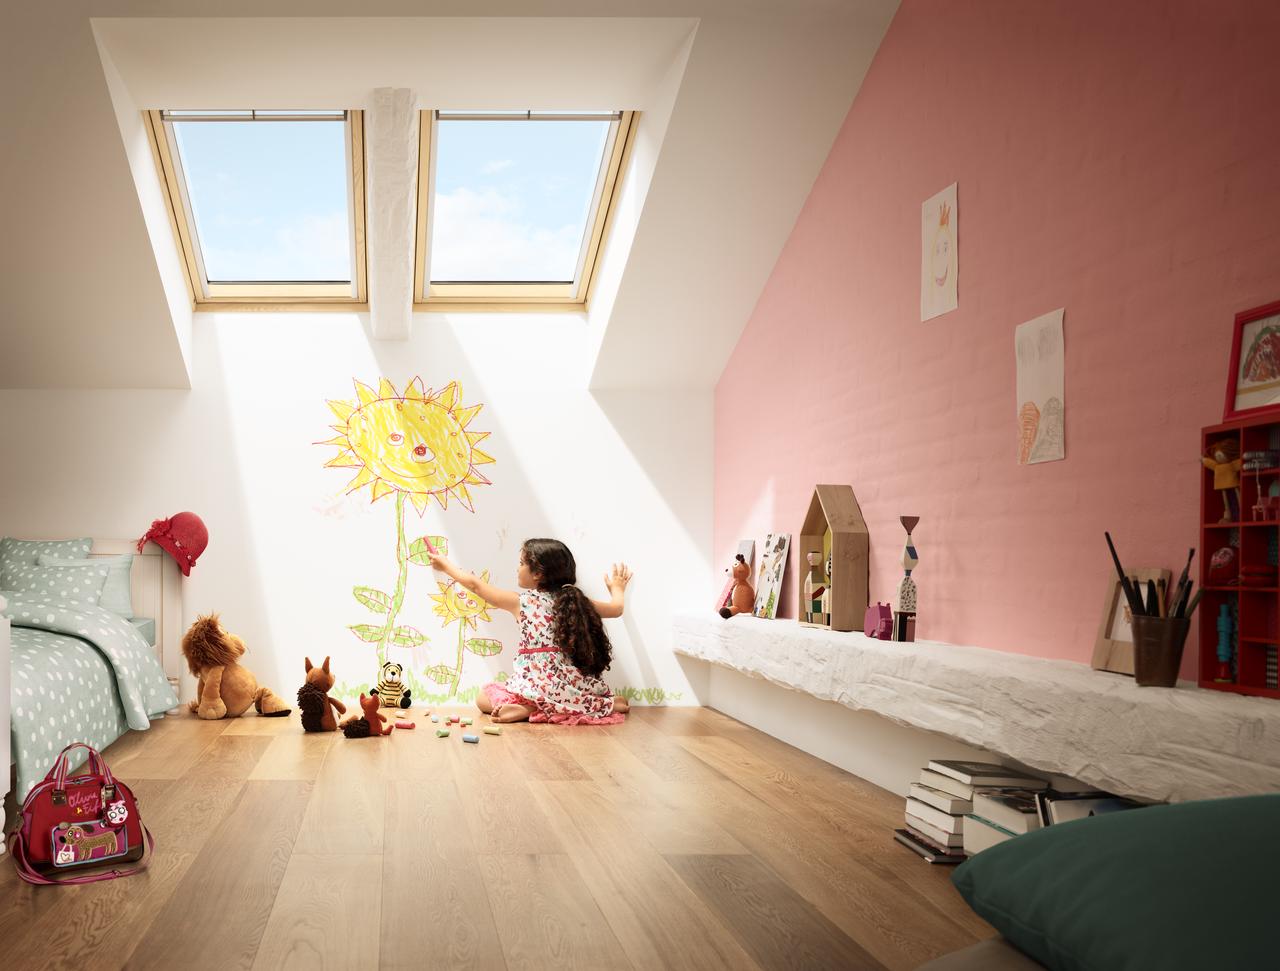 Wohnen, Einrichtung, Wohnträume, Innenarchitektur, Wohndesign, Deko ...